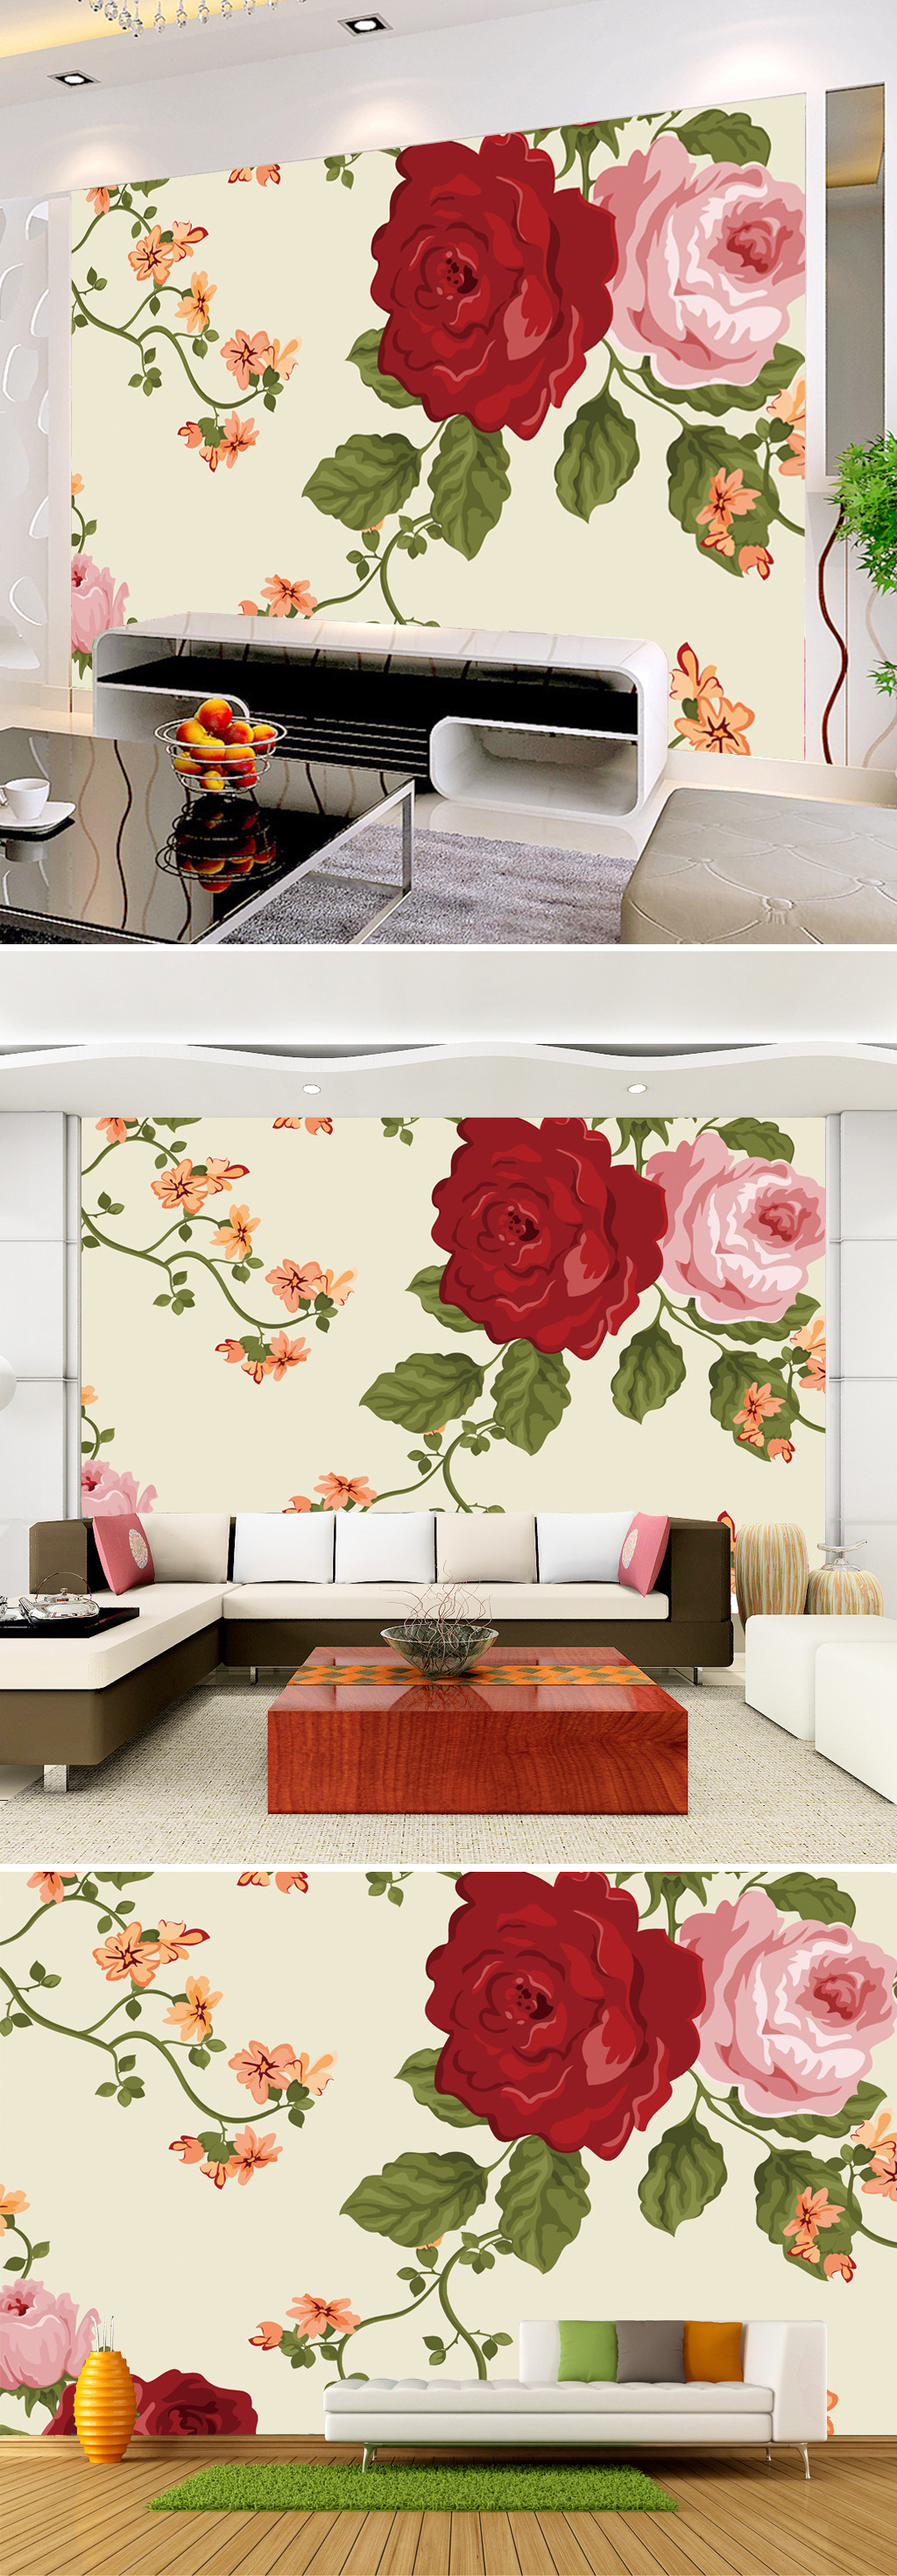 手绘牡丹背景墙